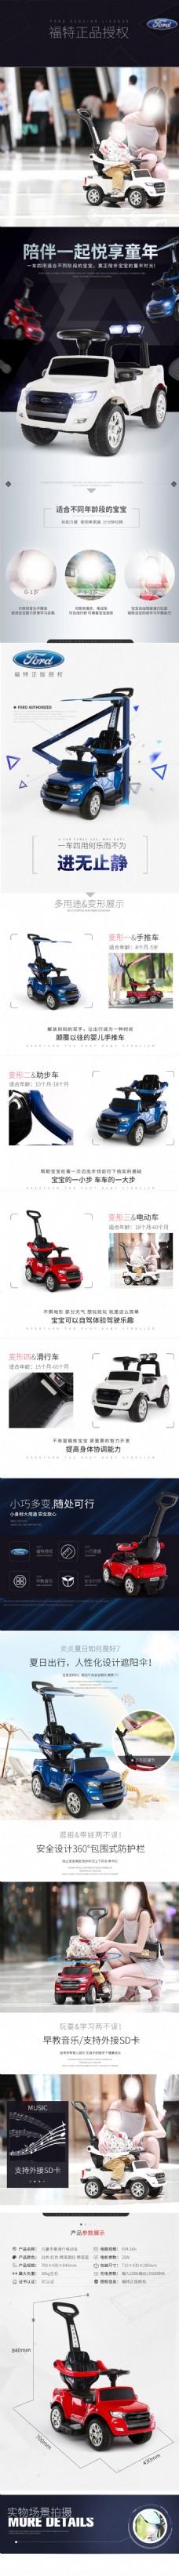 淘宝电商818狂欢节童车详情炫酷母婴电动童车类